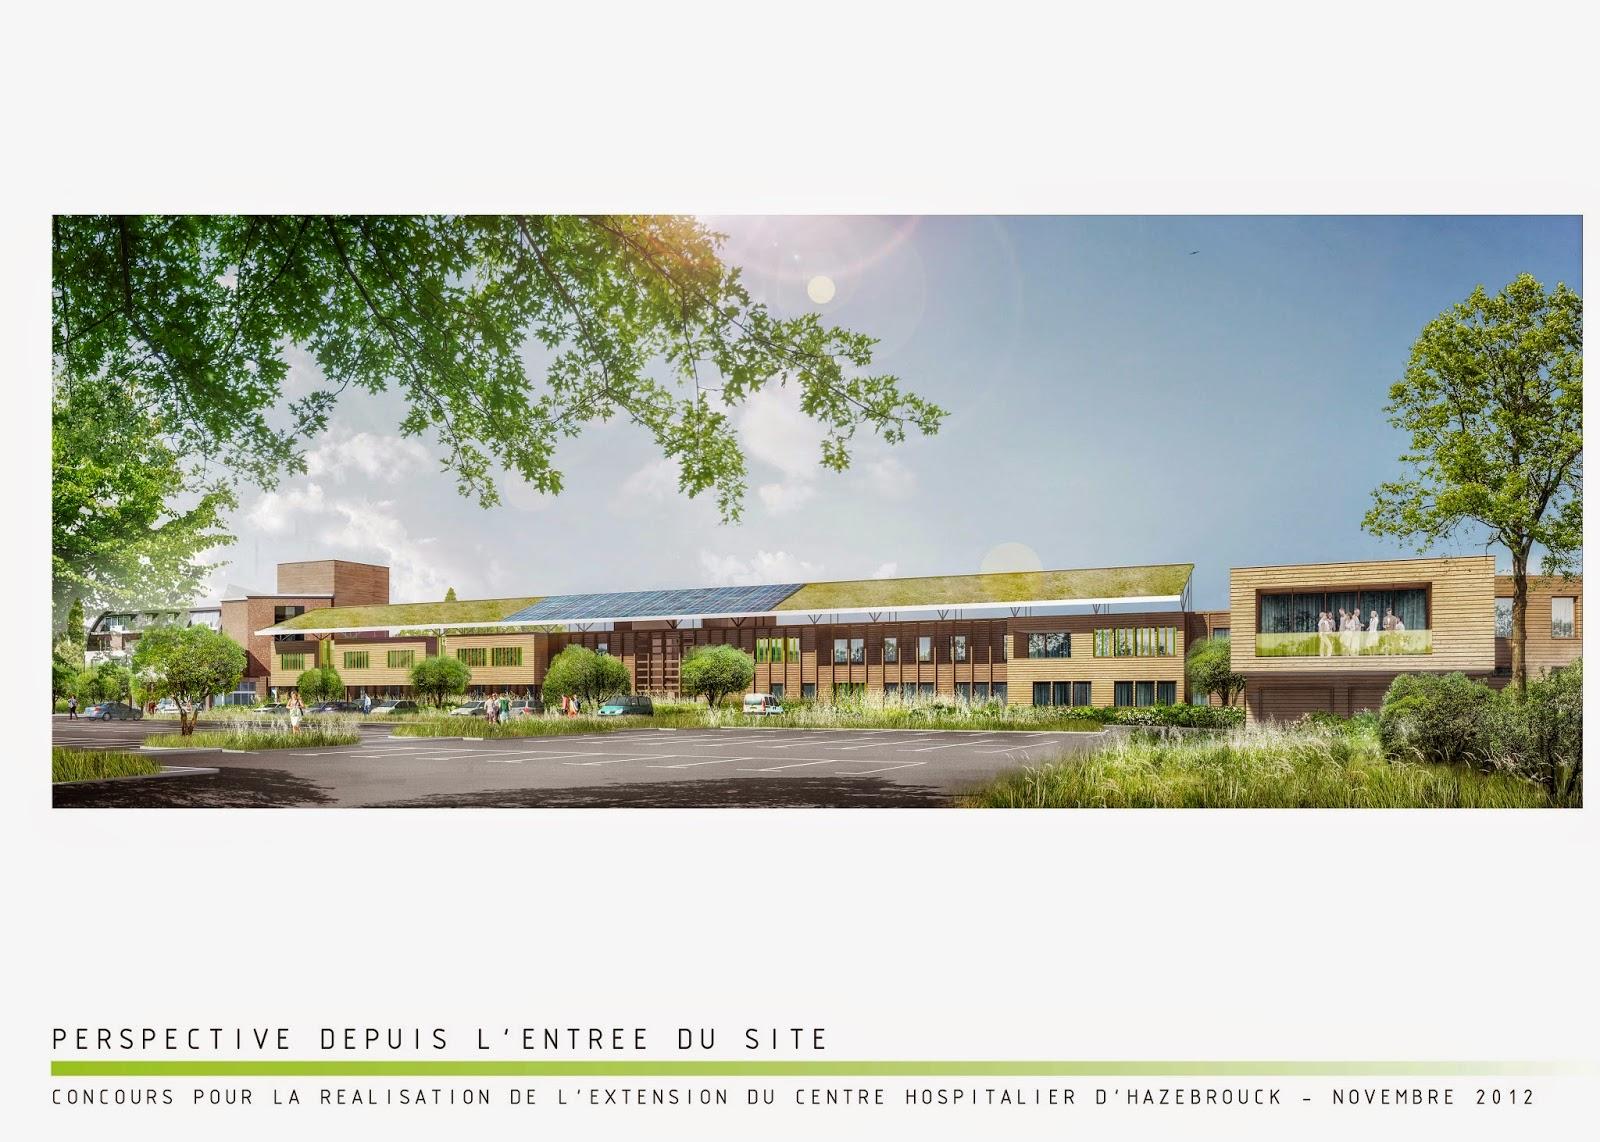 paindavoine parmentier architectes: concours extension du centre